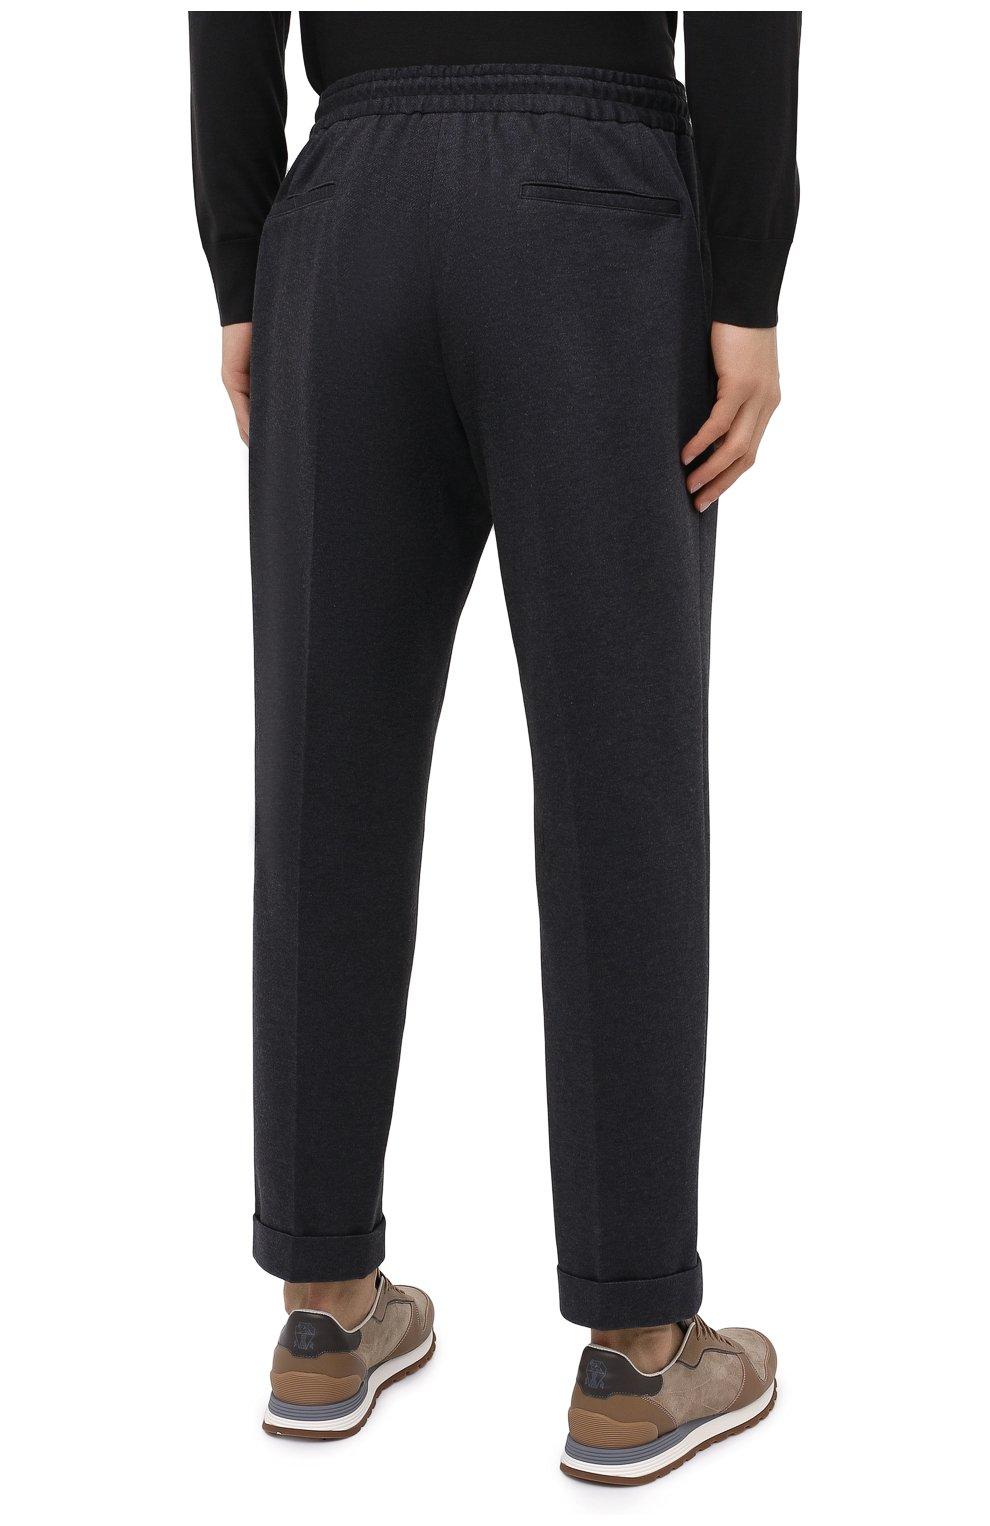 Мужские хлопковые брюки KNT серого цвета, арт. UPS0102J02T31 | Фото 4 (Длина (брюки, джинсы): Стандартные; Случай: Повседневный; Материал внешний: Хлопок; Стили: Кэжуэл)